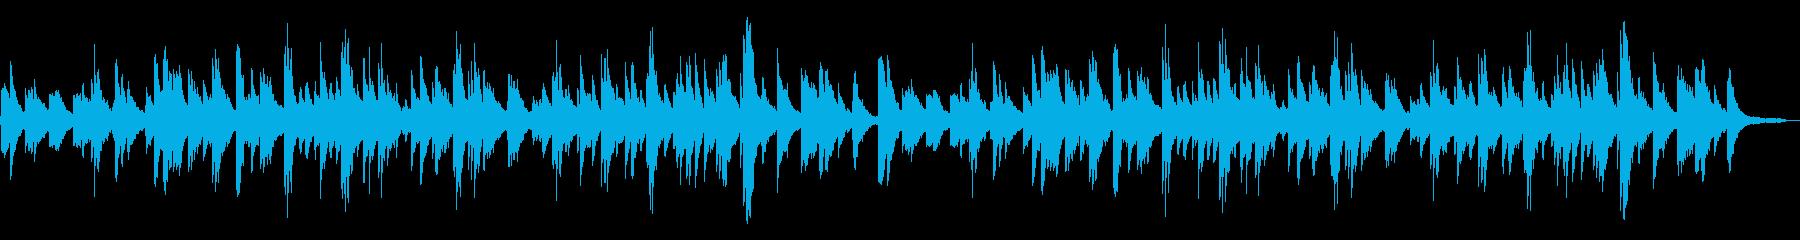 ゆったりとしたピアノ オルゴール入りの再生済みの波形